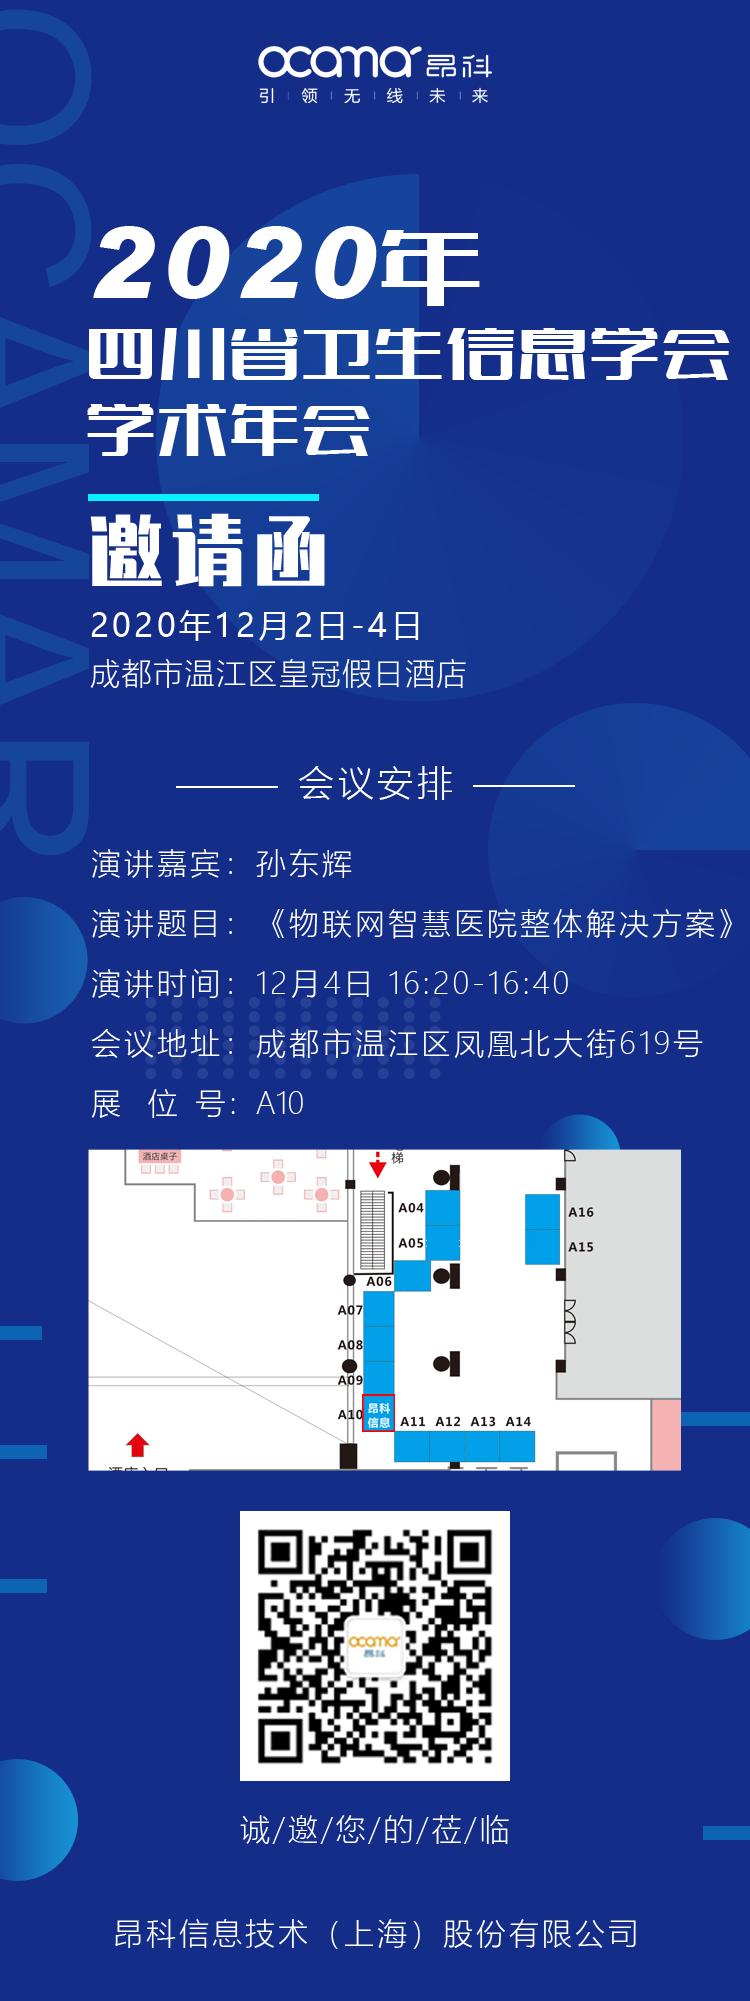 2020年四川卫生健康信息技术暨应用交流大会